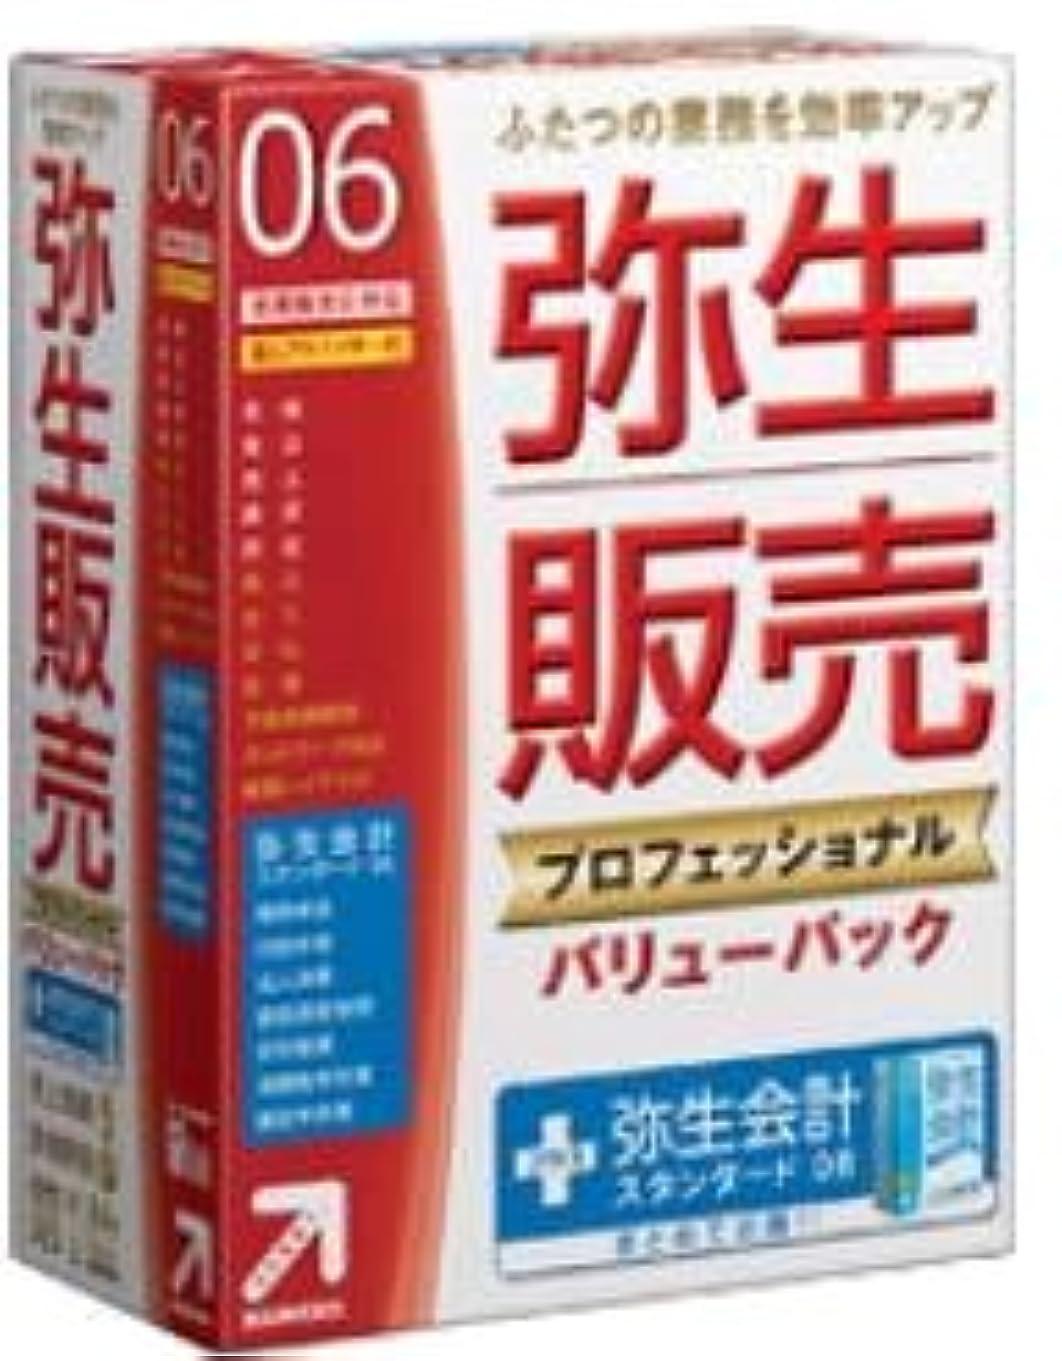 【旧商品】弥生販売 プロフェッショナル 06 バリューパック